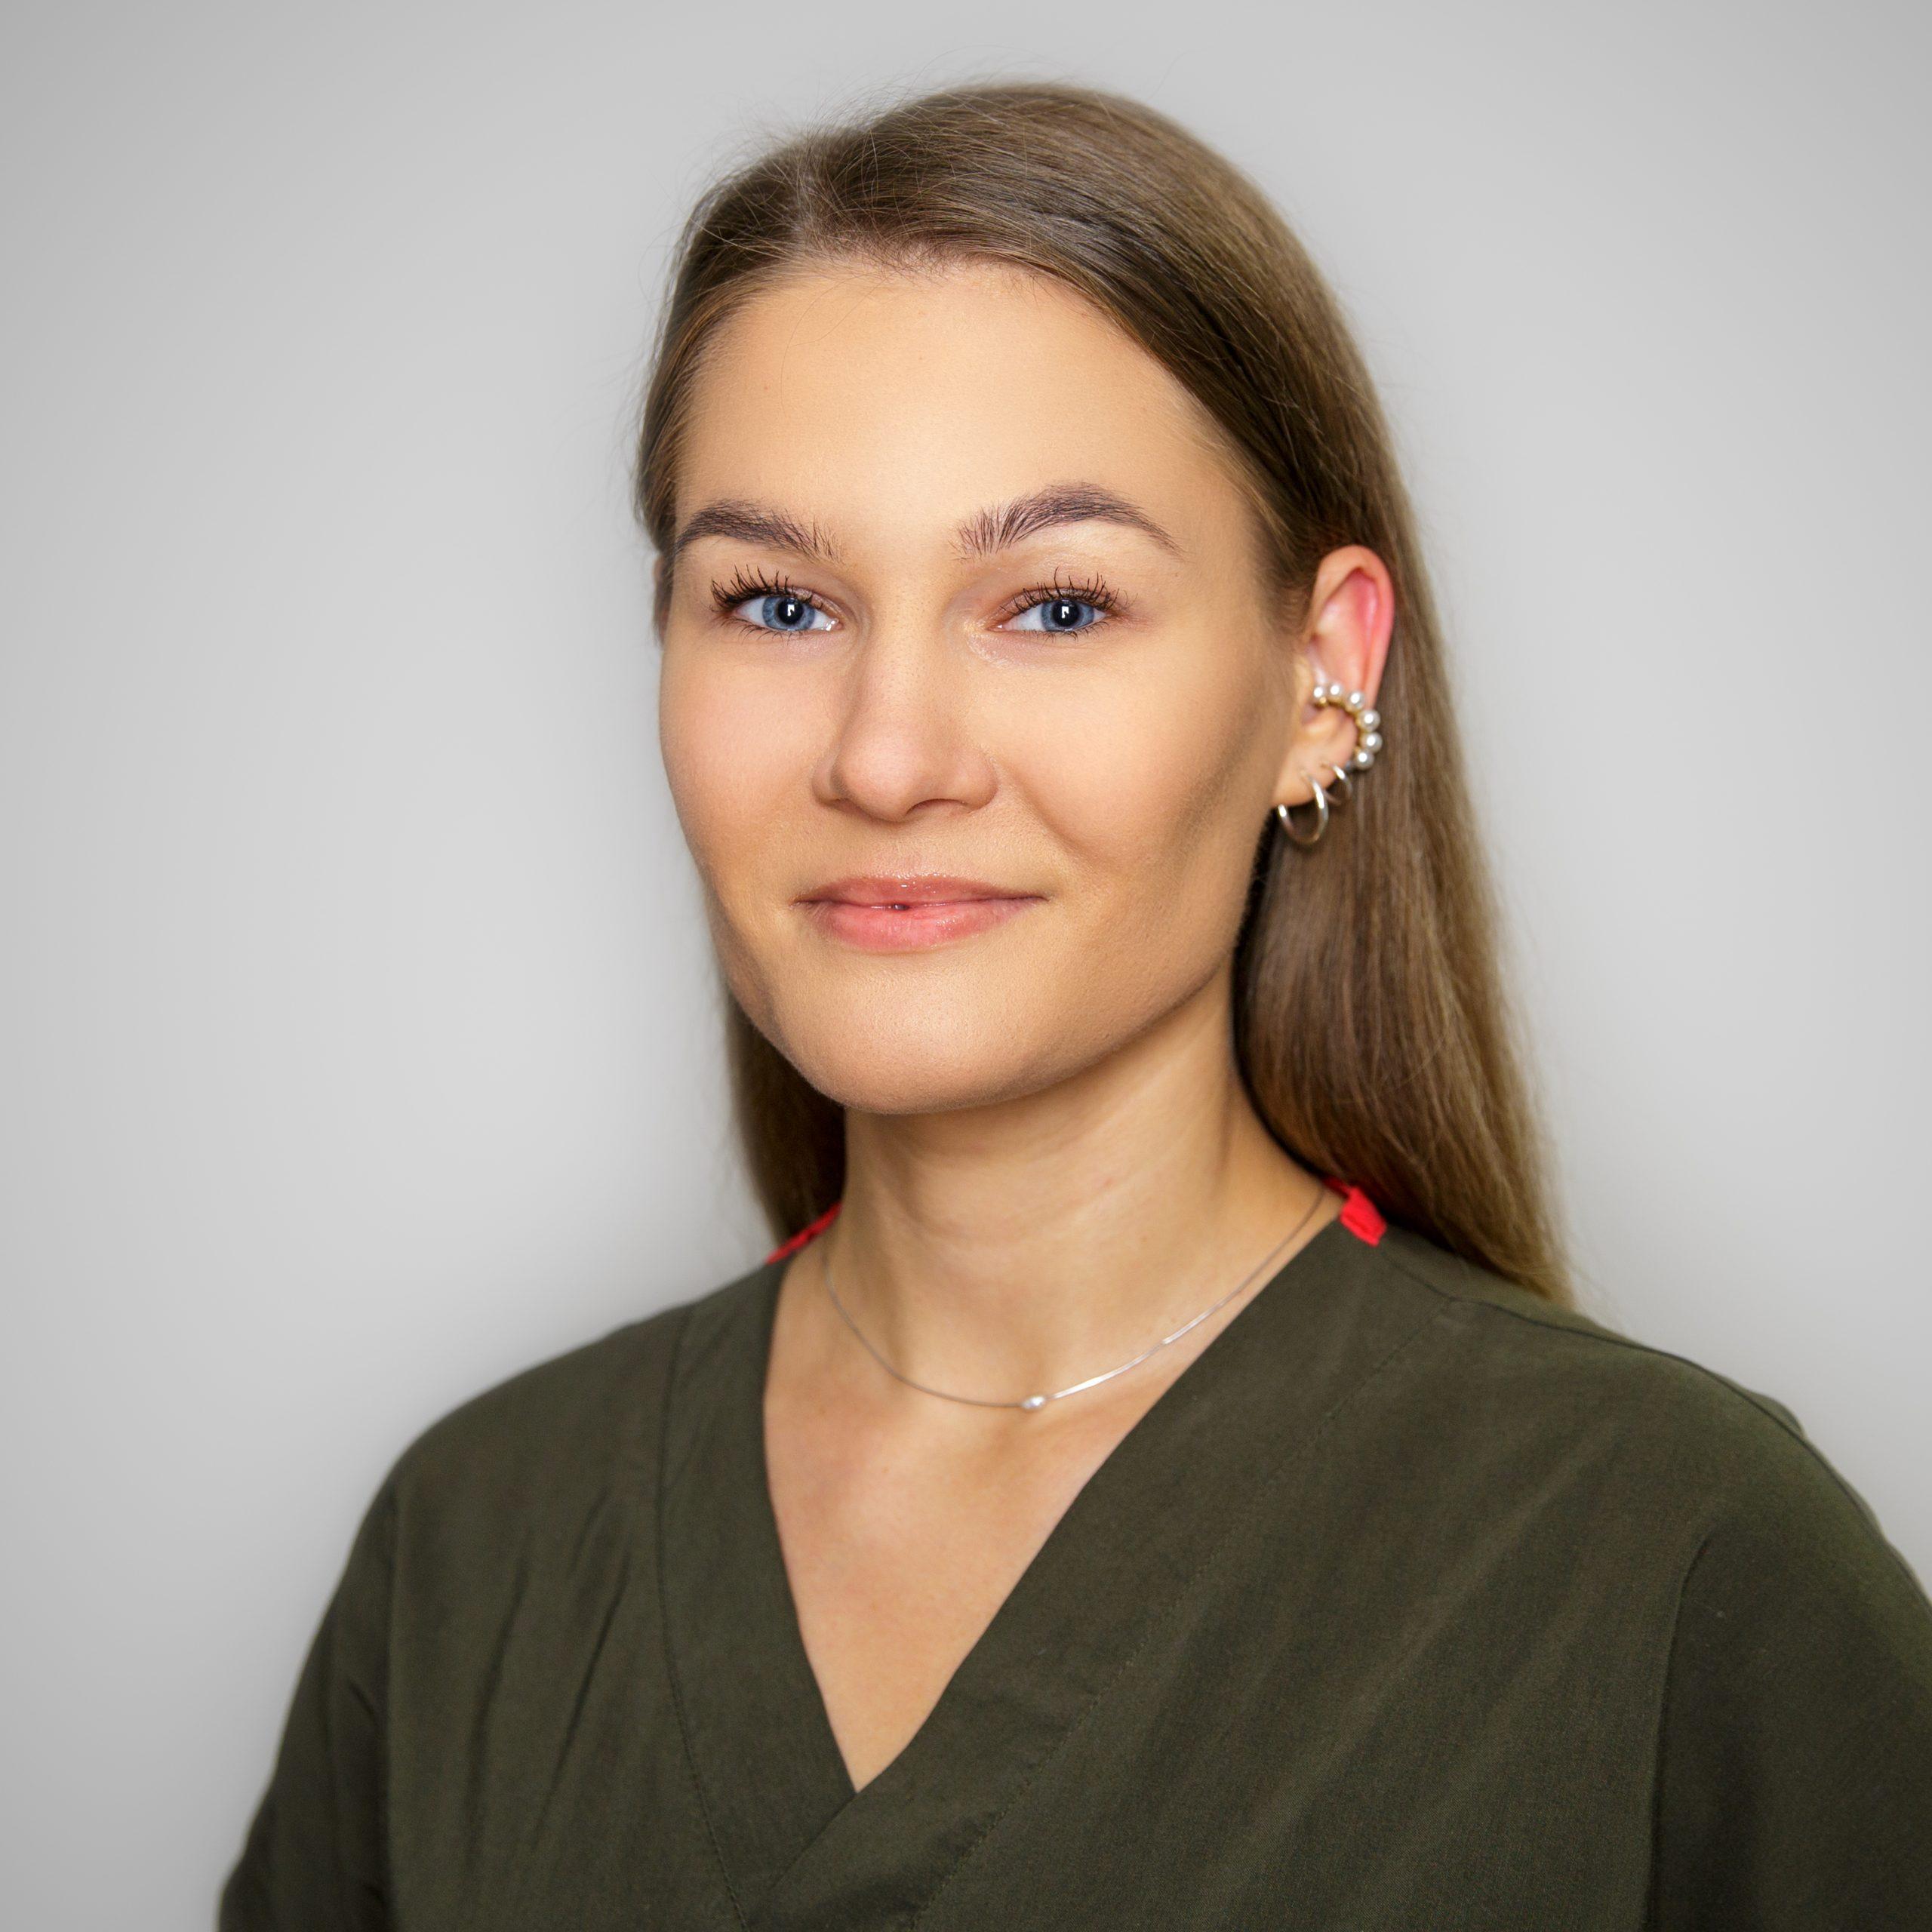 Miglė Emilija Bytautaitė